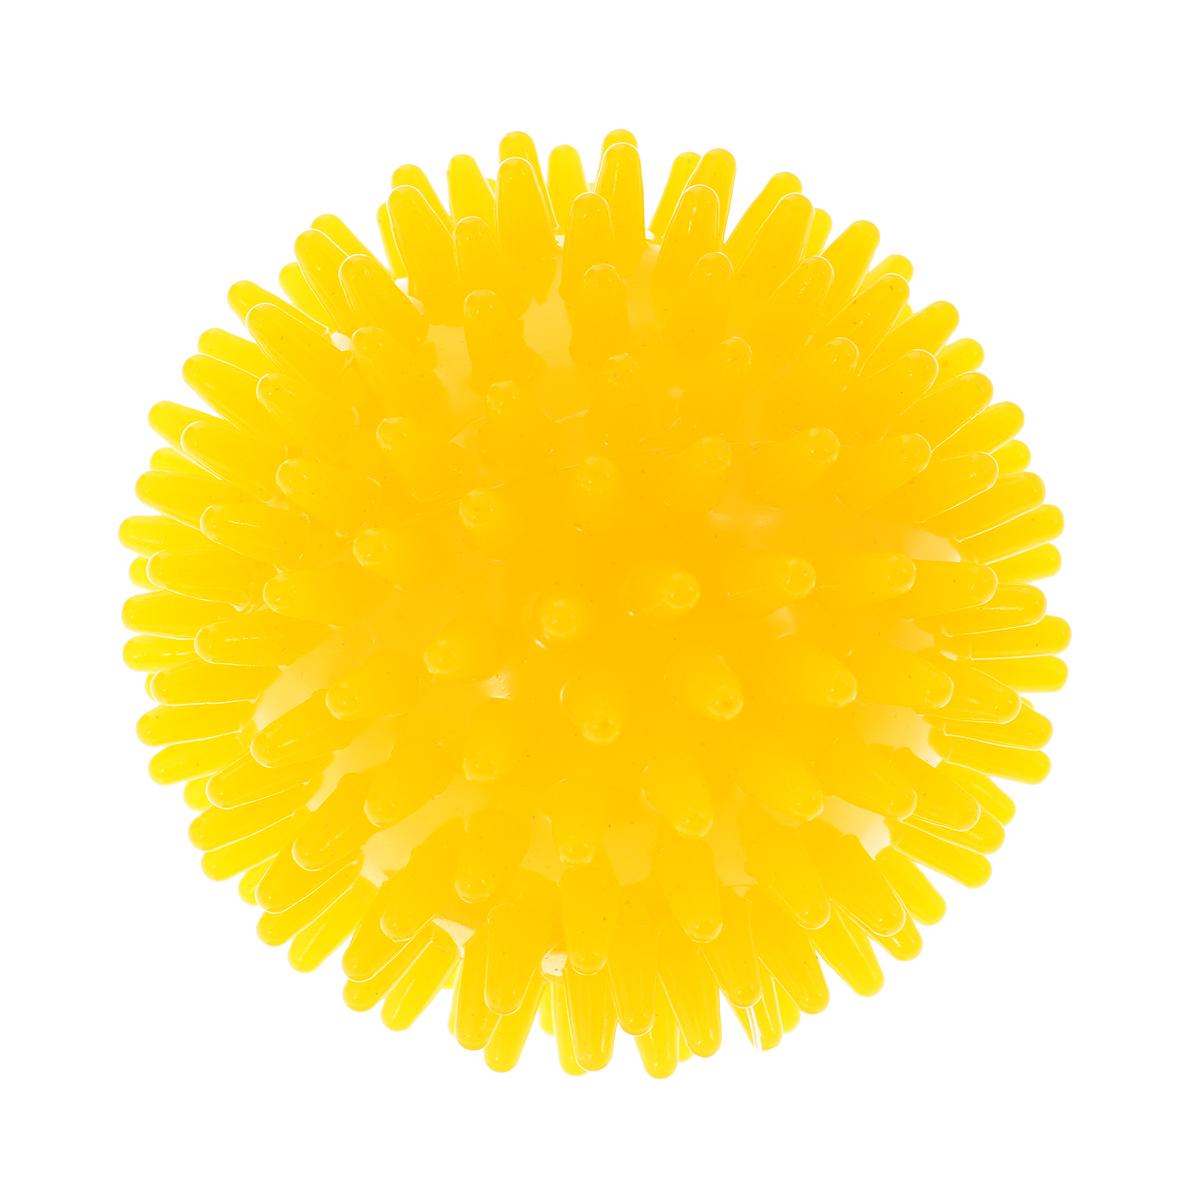 Игрушка для собак V.I.Pet Массажный мяч, цвет: желтый, диаметр 5,5 см0120710Игрушка для собак V.I.Pet Массажный мяч, изготовленная из ПВХ, предназначена для массажа и самомассажа рефлексогенных зон. Она имеет мягкие закругленные массажные шипы, эффективно массирующие и не травмирующие кожу. Игрушка не позволит скучать вашему питомцу ни дома, ни на улице.Диаметр: 5,5 см.